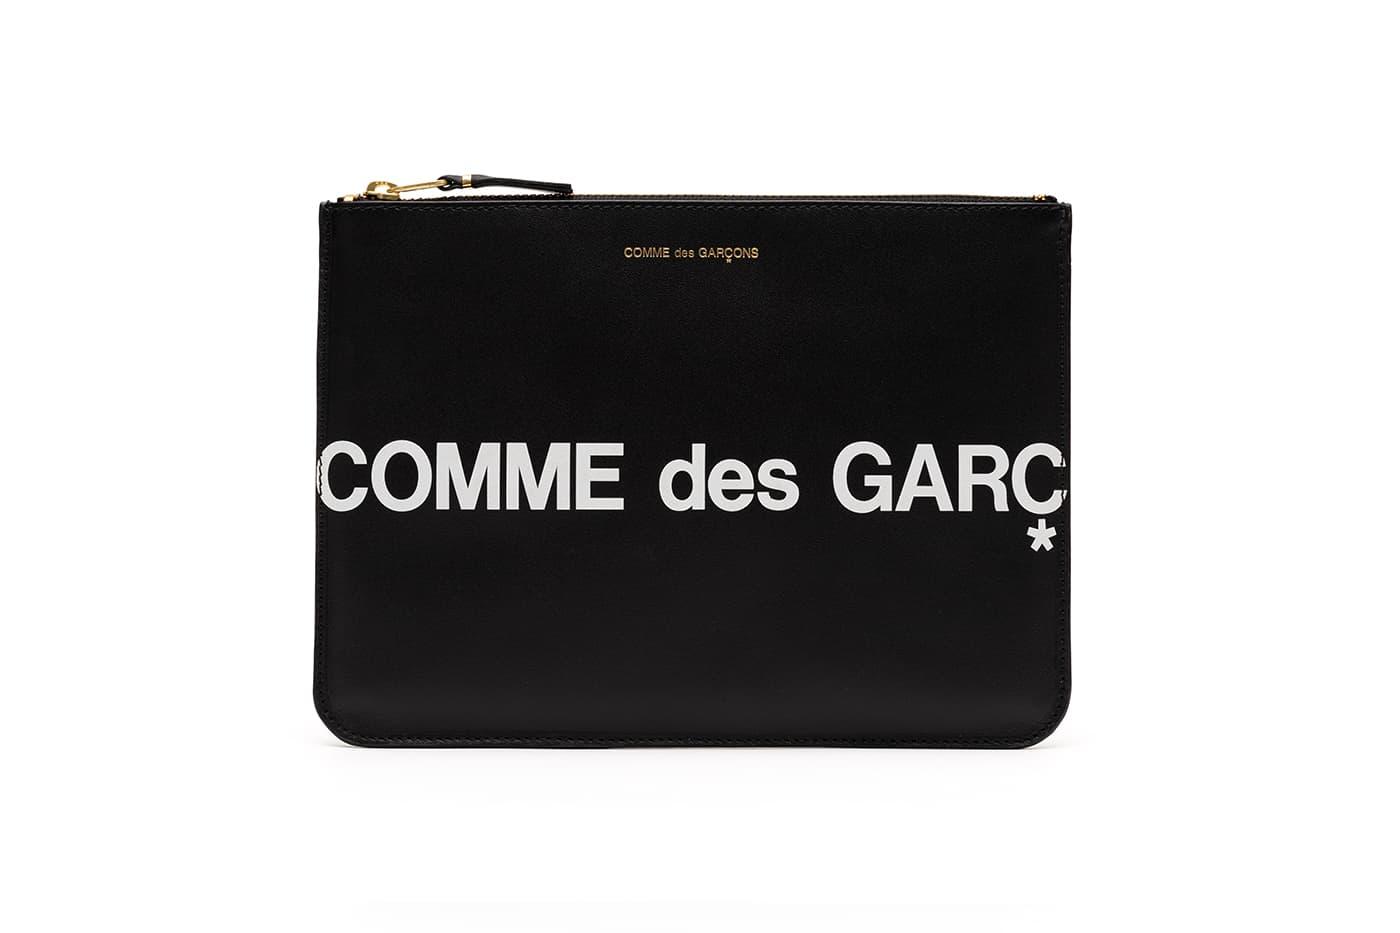 """COMME des GARÇONS Preps Barbara Kruger-Esque """"Huge Logo"""" Wallets"""